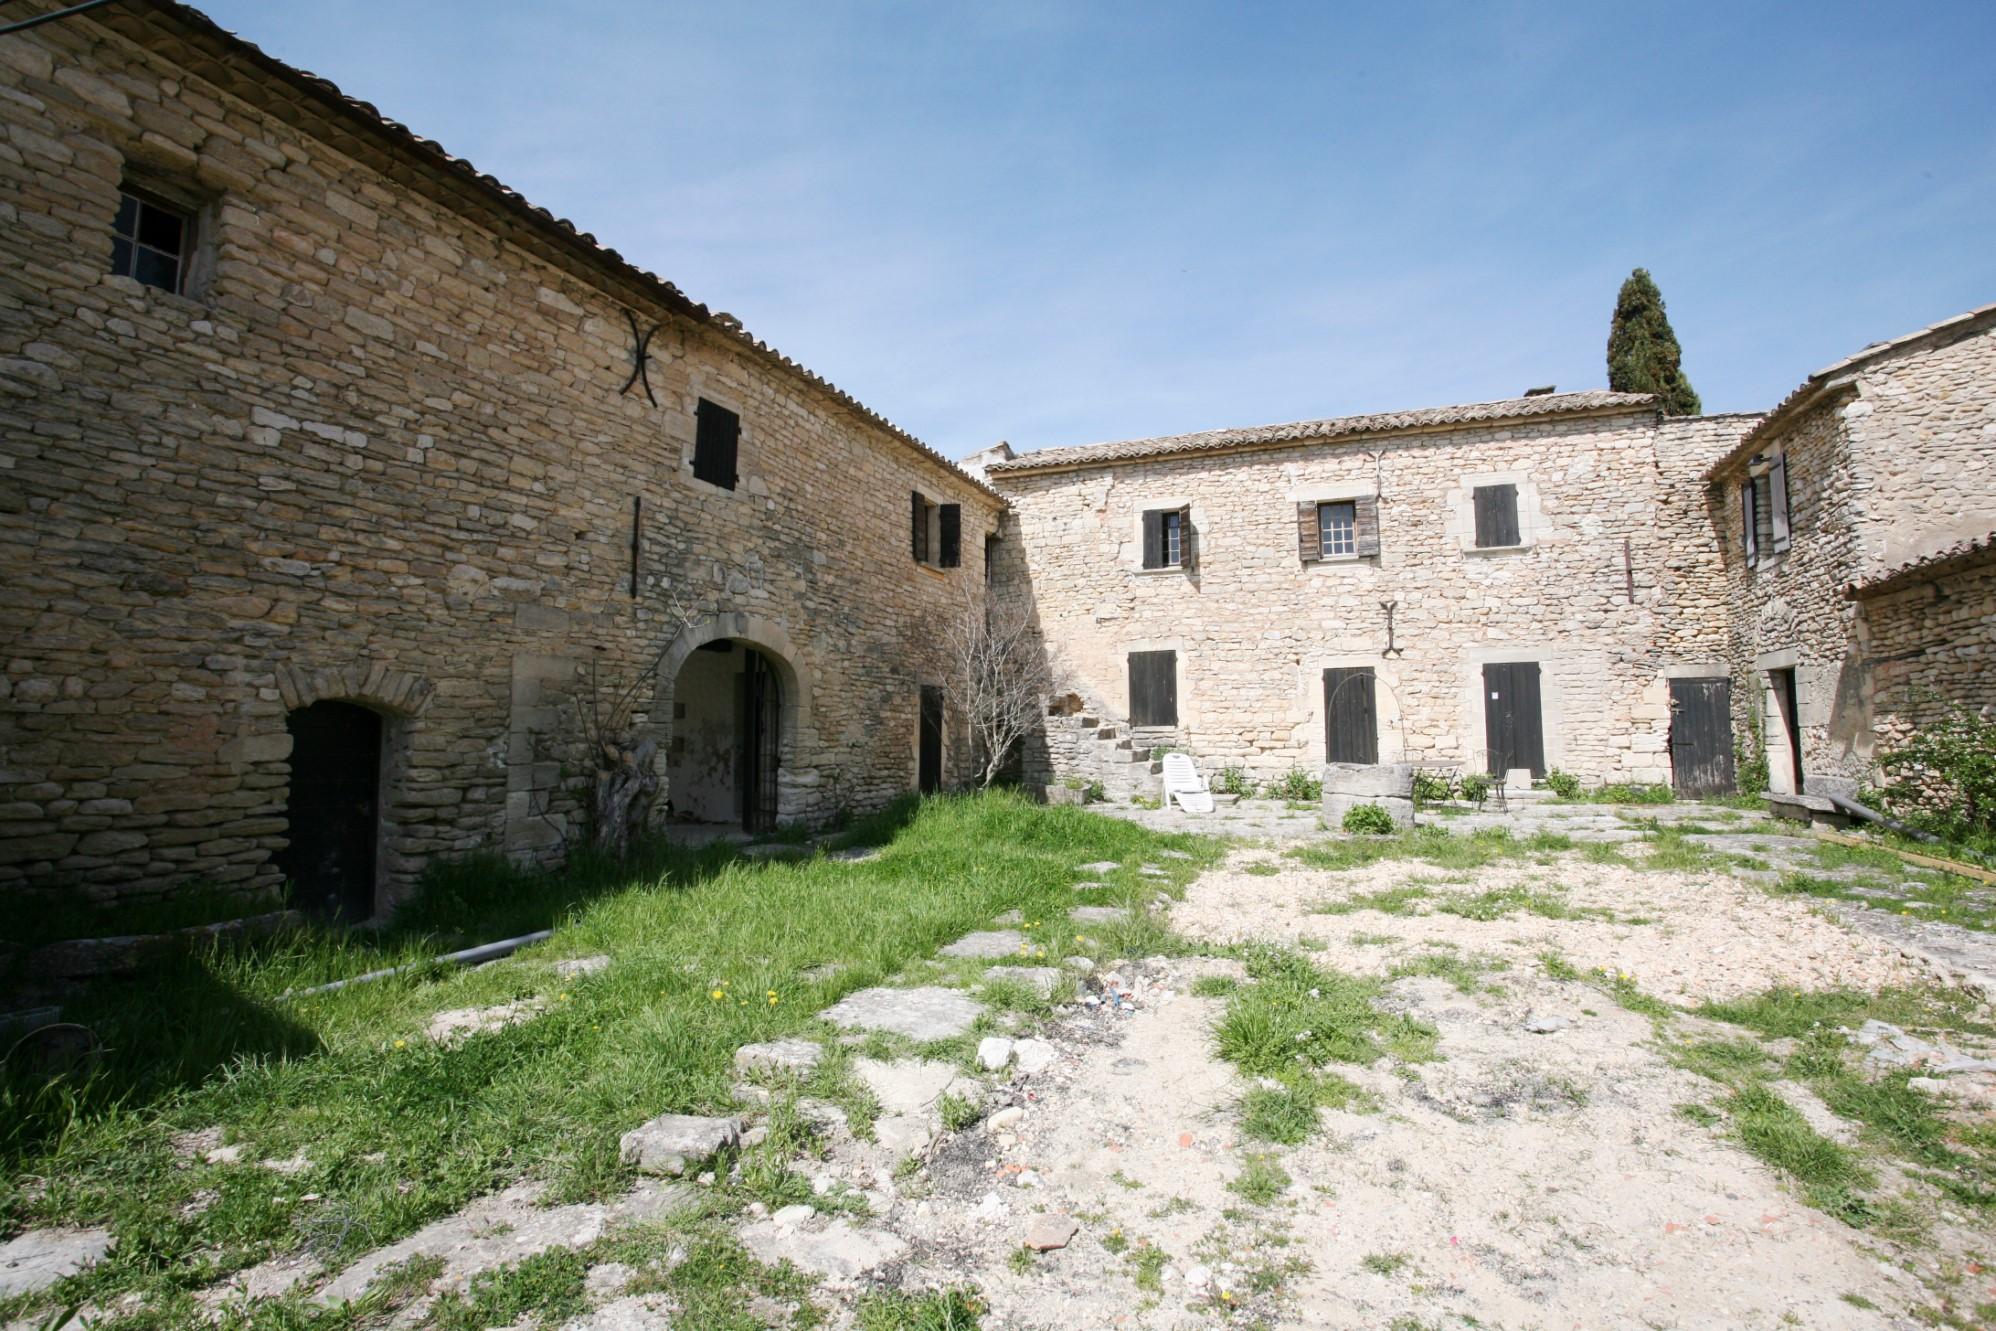 Ventes luberon vendre ancienne ferme en pierres sur 3 500 m avec vue ag - Vieille ferme a vendre ...